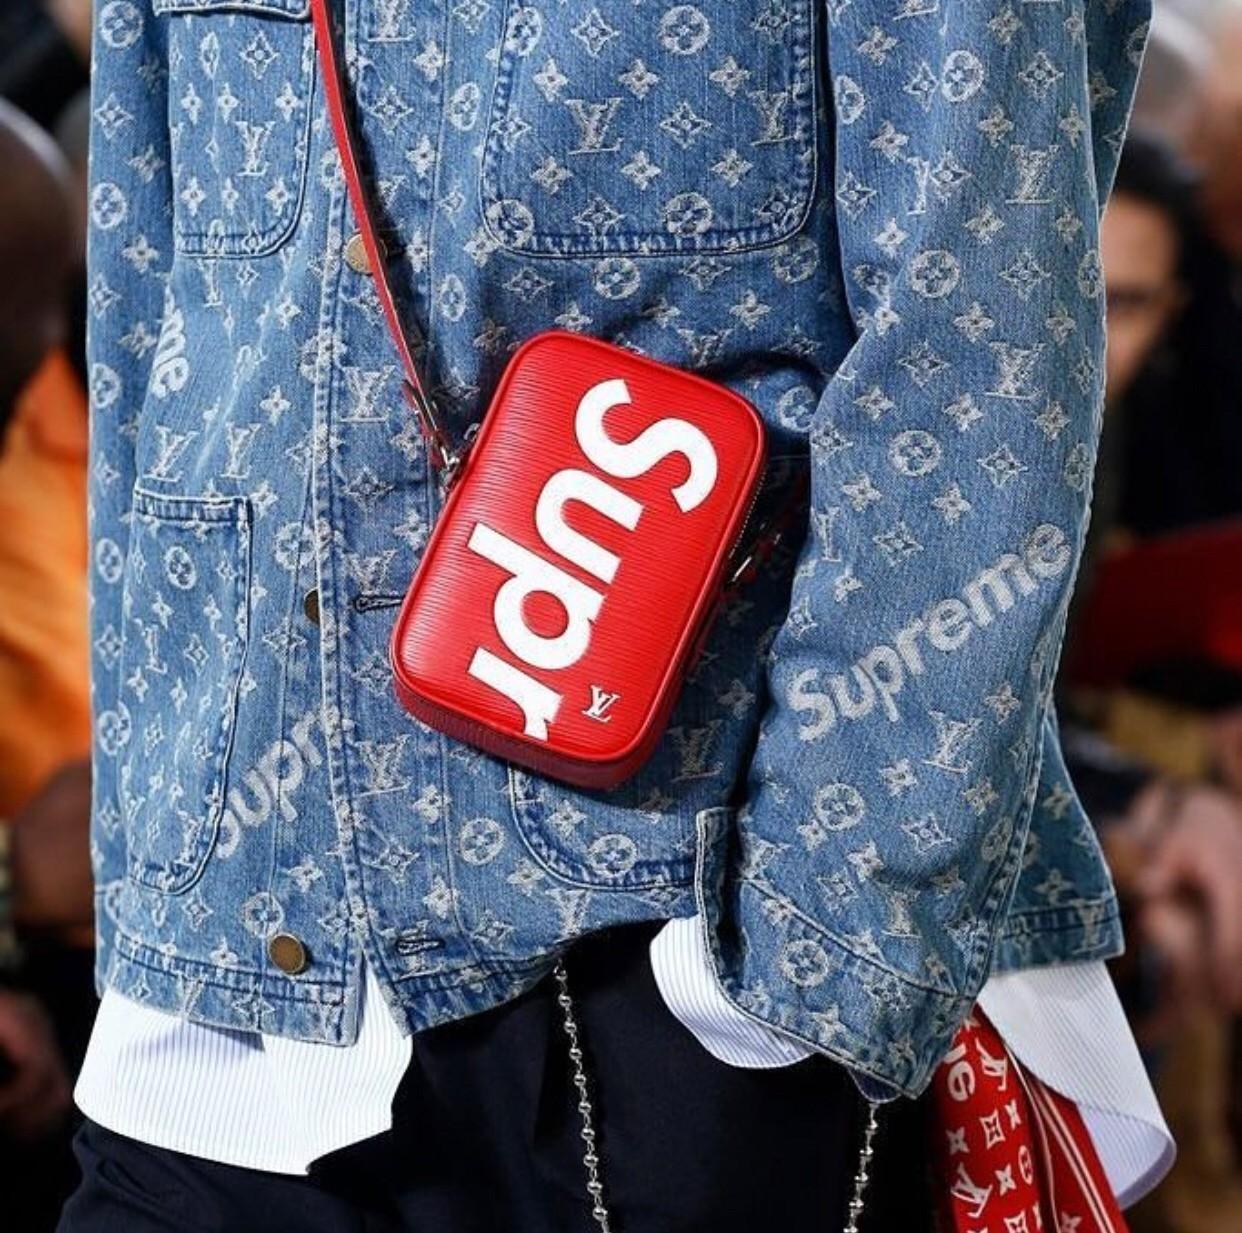 男人背小包真的就很娘吗?男士也很流行背小包 男士时尚 图2